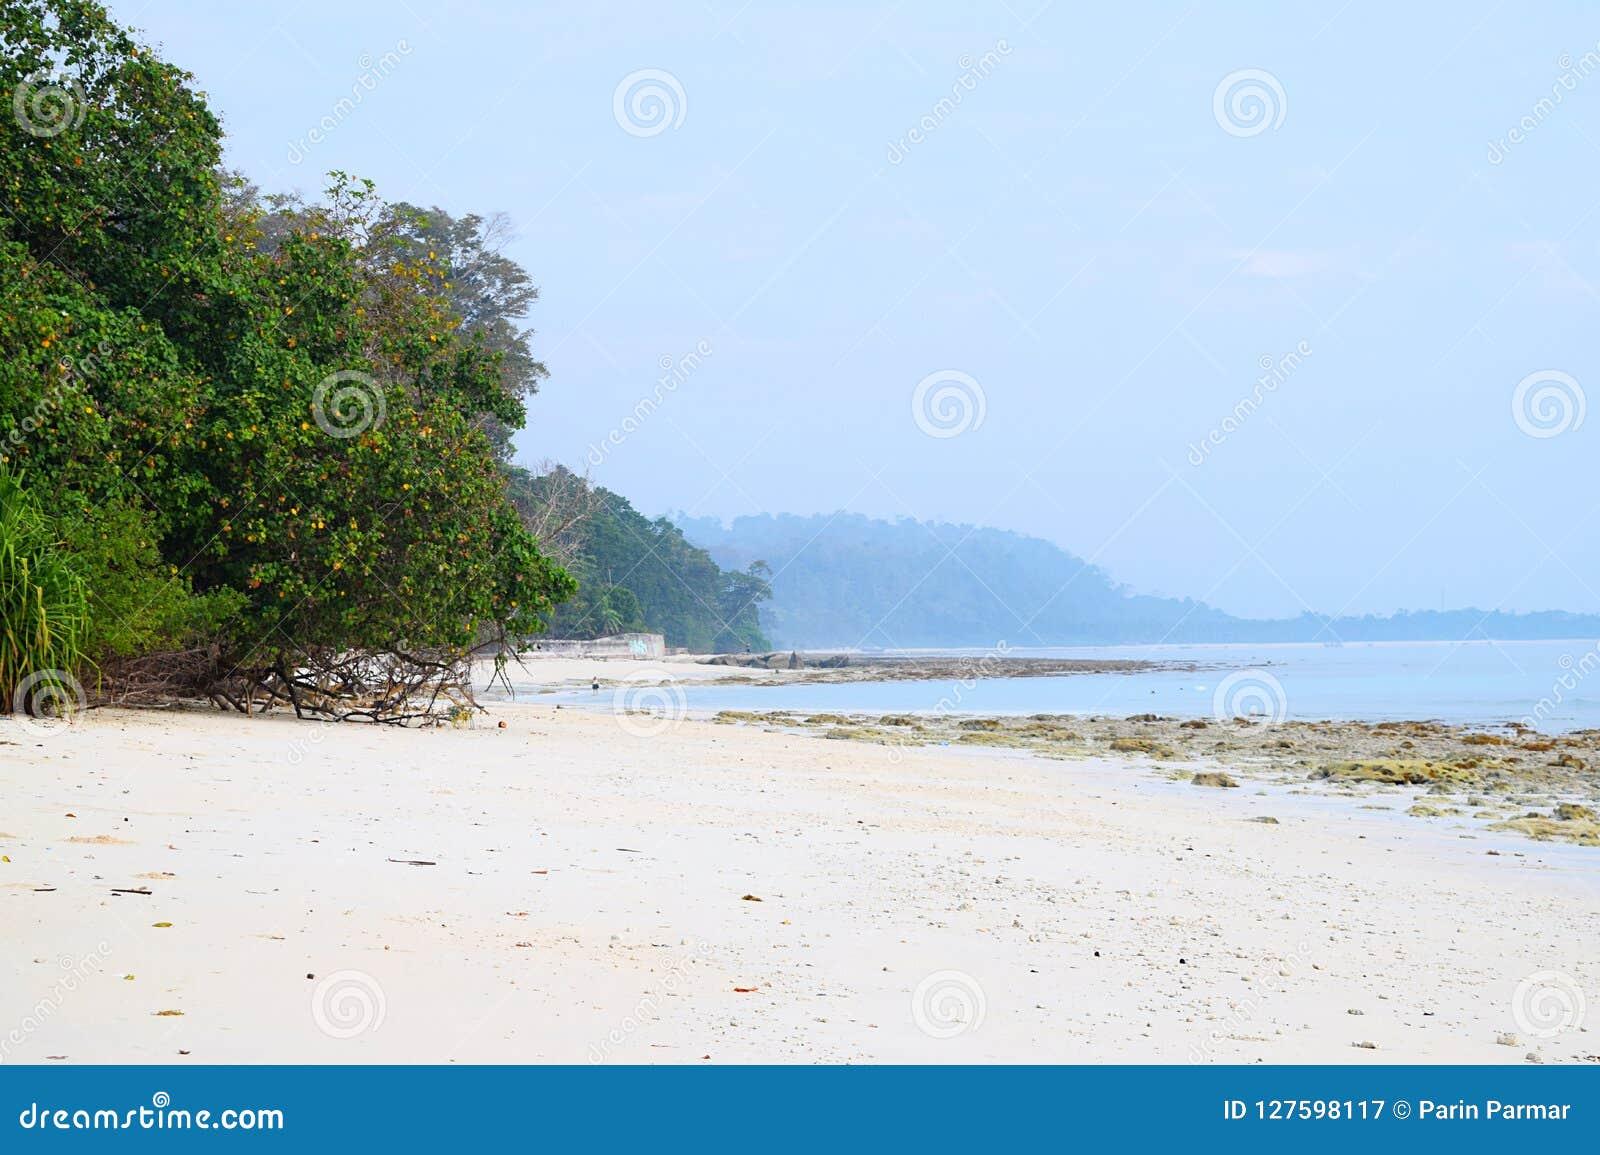 Sandy Beach blanc immaculé et tranquille avec des arbres de palétuvier avec Azure Sea Water et le ciel clair - Kalapathar, Havelo